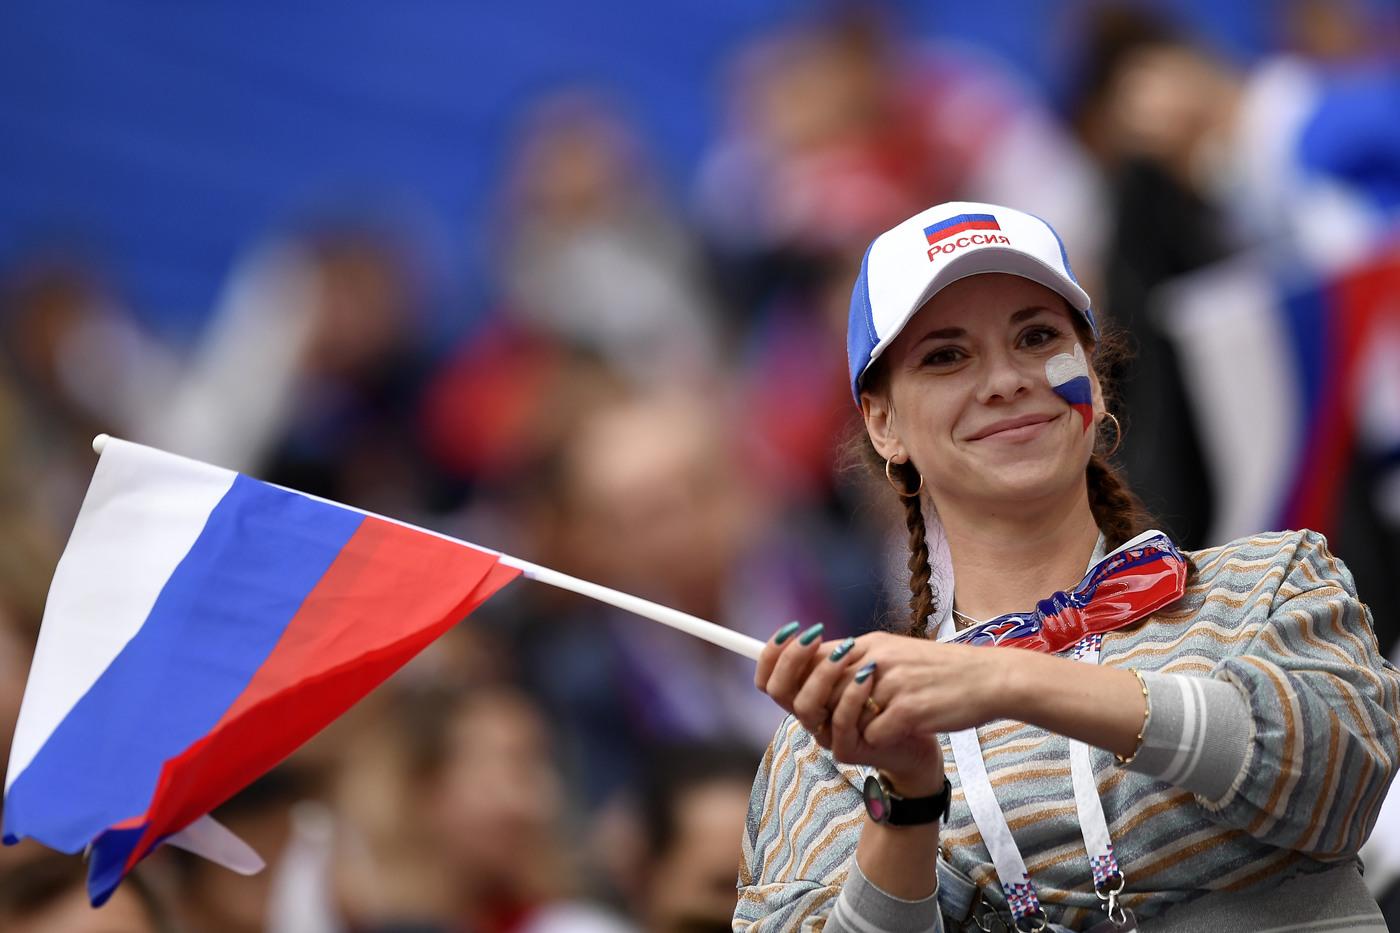 Khimki-T Mosca pronostico 5 marzo coppa russa